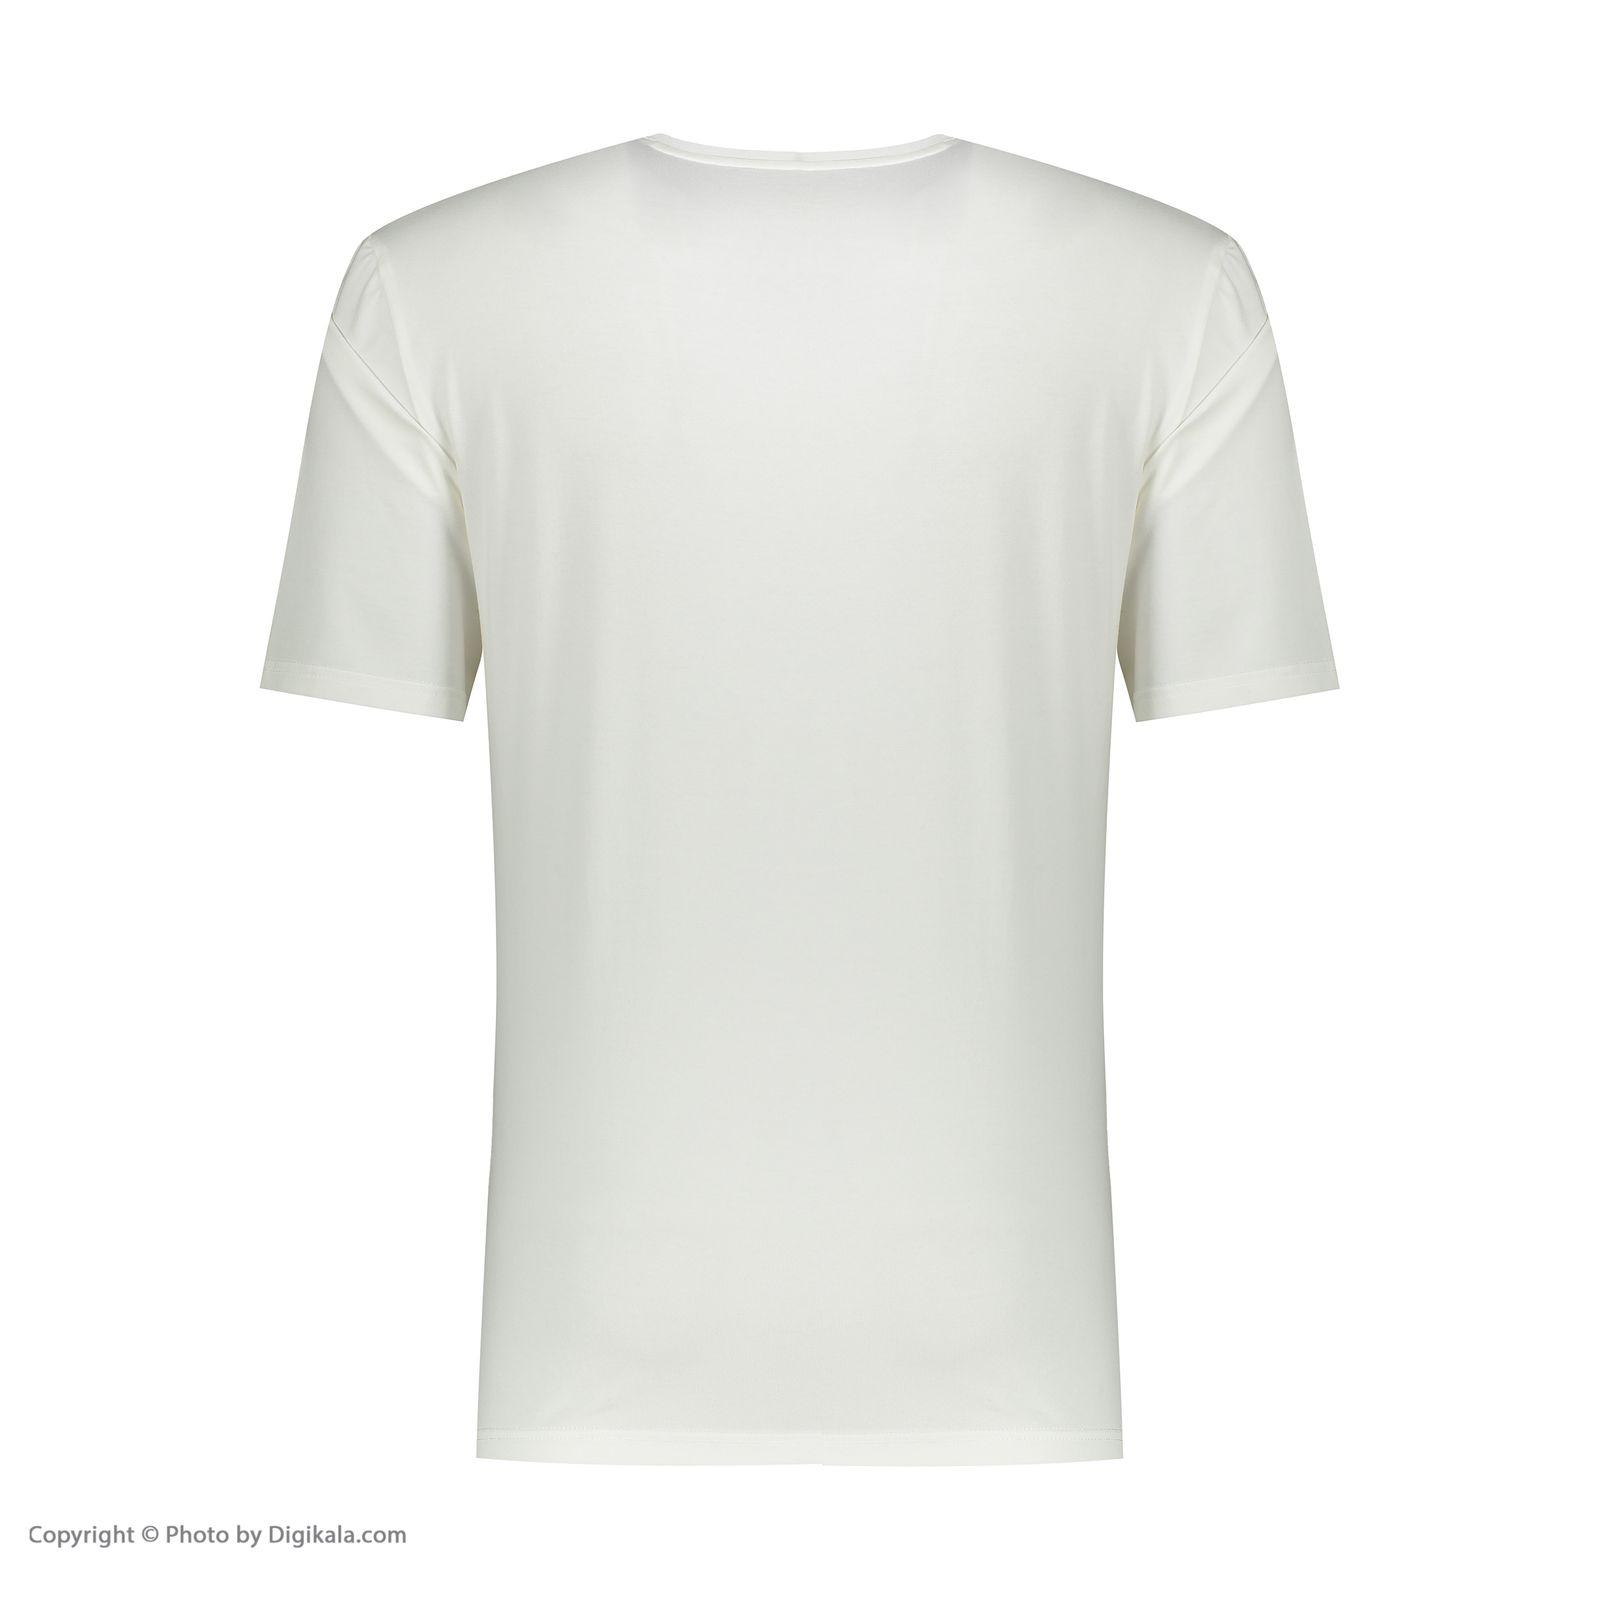 تی شرت مردانه پاتن جامه کد 99M5224 رنگ سفید -  - 3